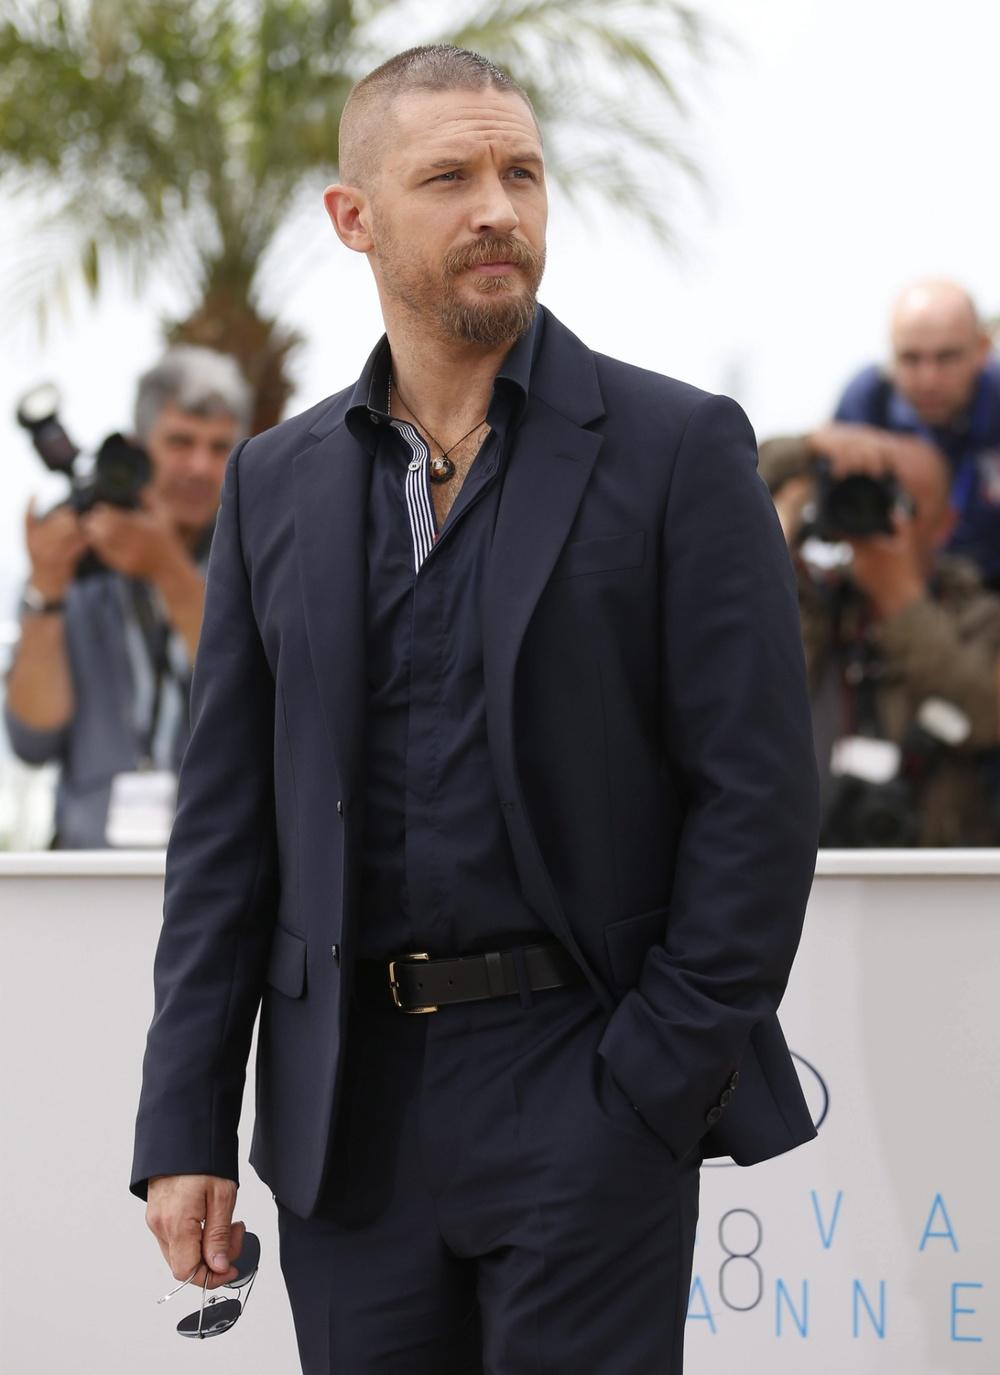 """Vivendo o seu auge da carreira, Tom Hardy, o mais recente Max Rockatansky de""""Mad Max"""", também merece elogios. Apesar do visual muito monocromático, nota-se que o cara sabe escolher as roupas com sabedoria."""